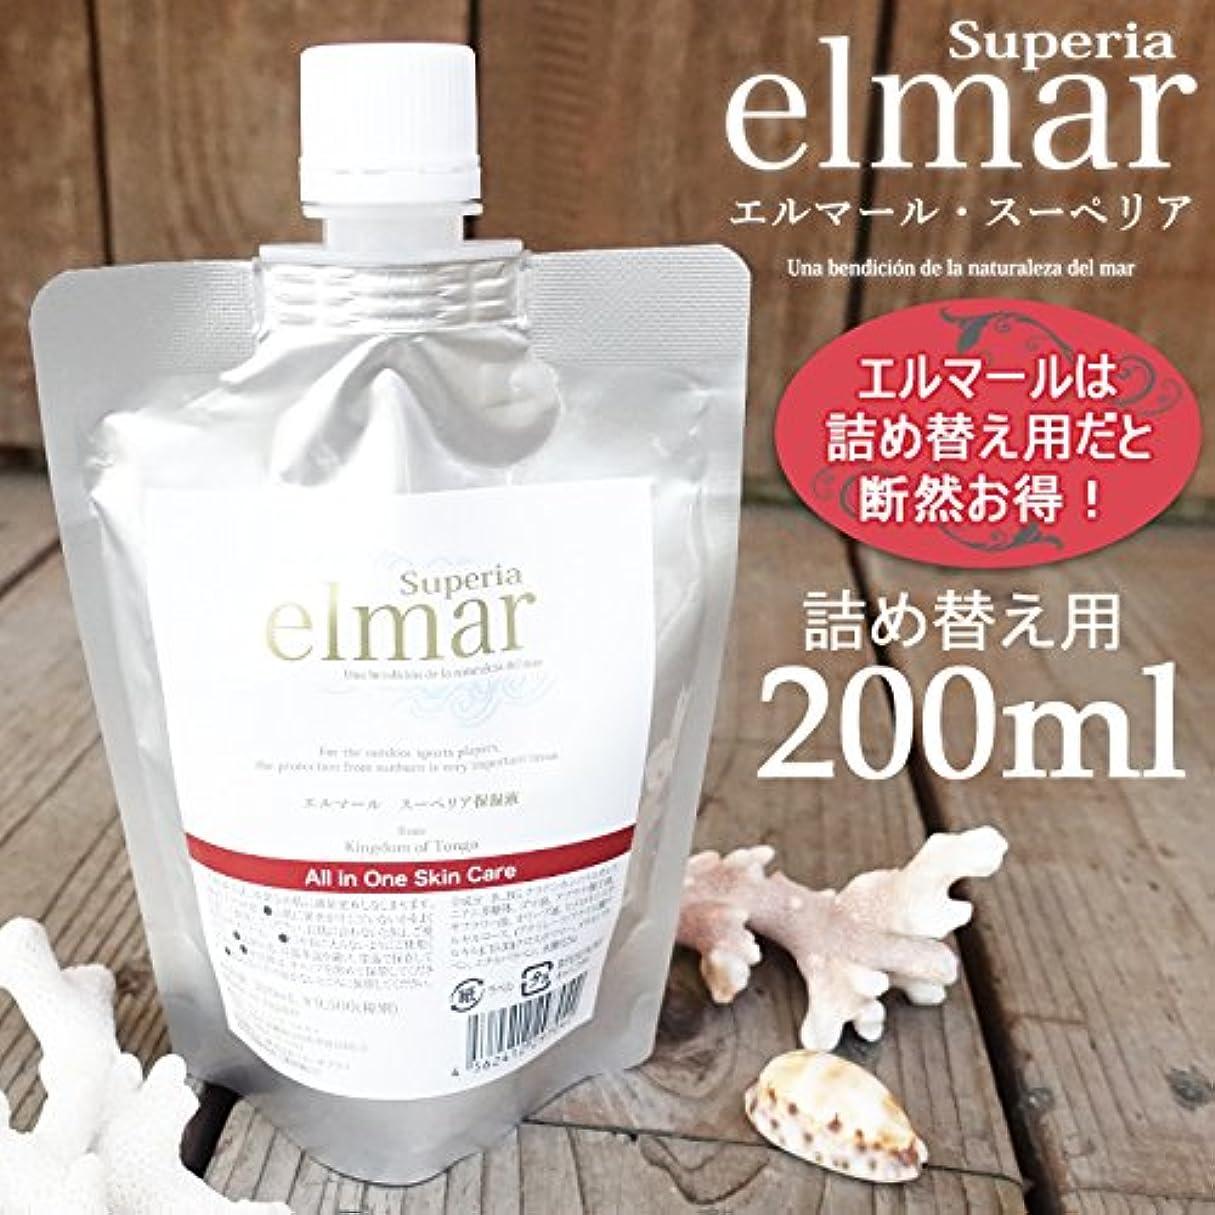 硬さタイピスト慣らすSuperia elmar(スーペリア エルマール) 詰め替え用 200ml スキンケア 多機能保湿液